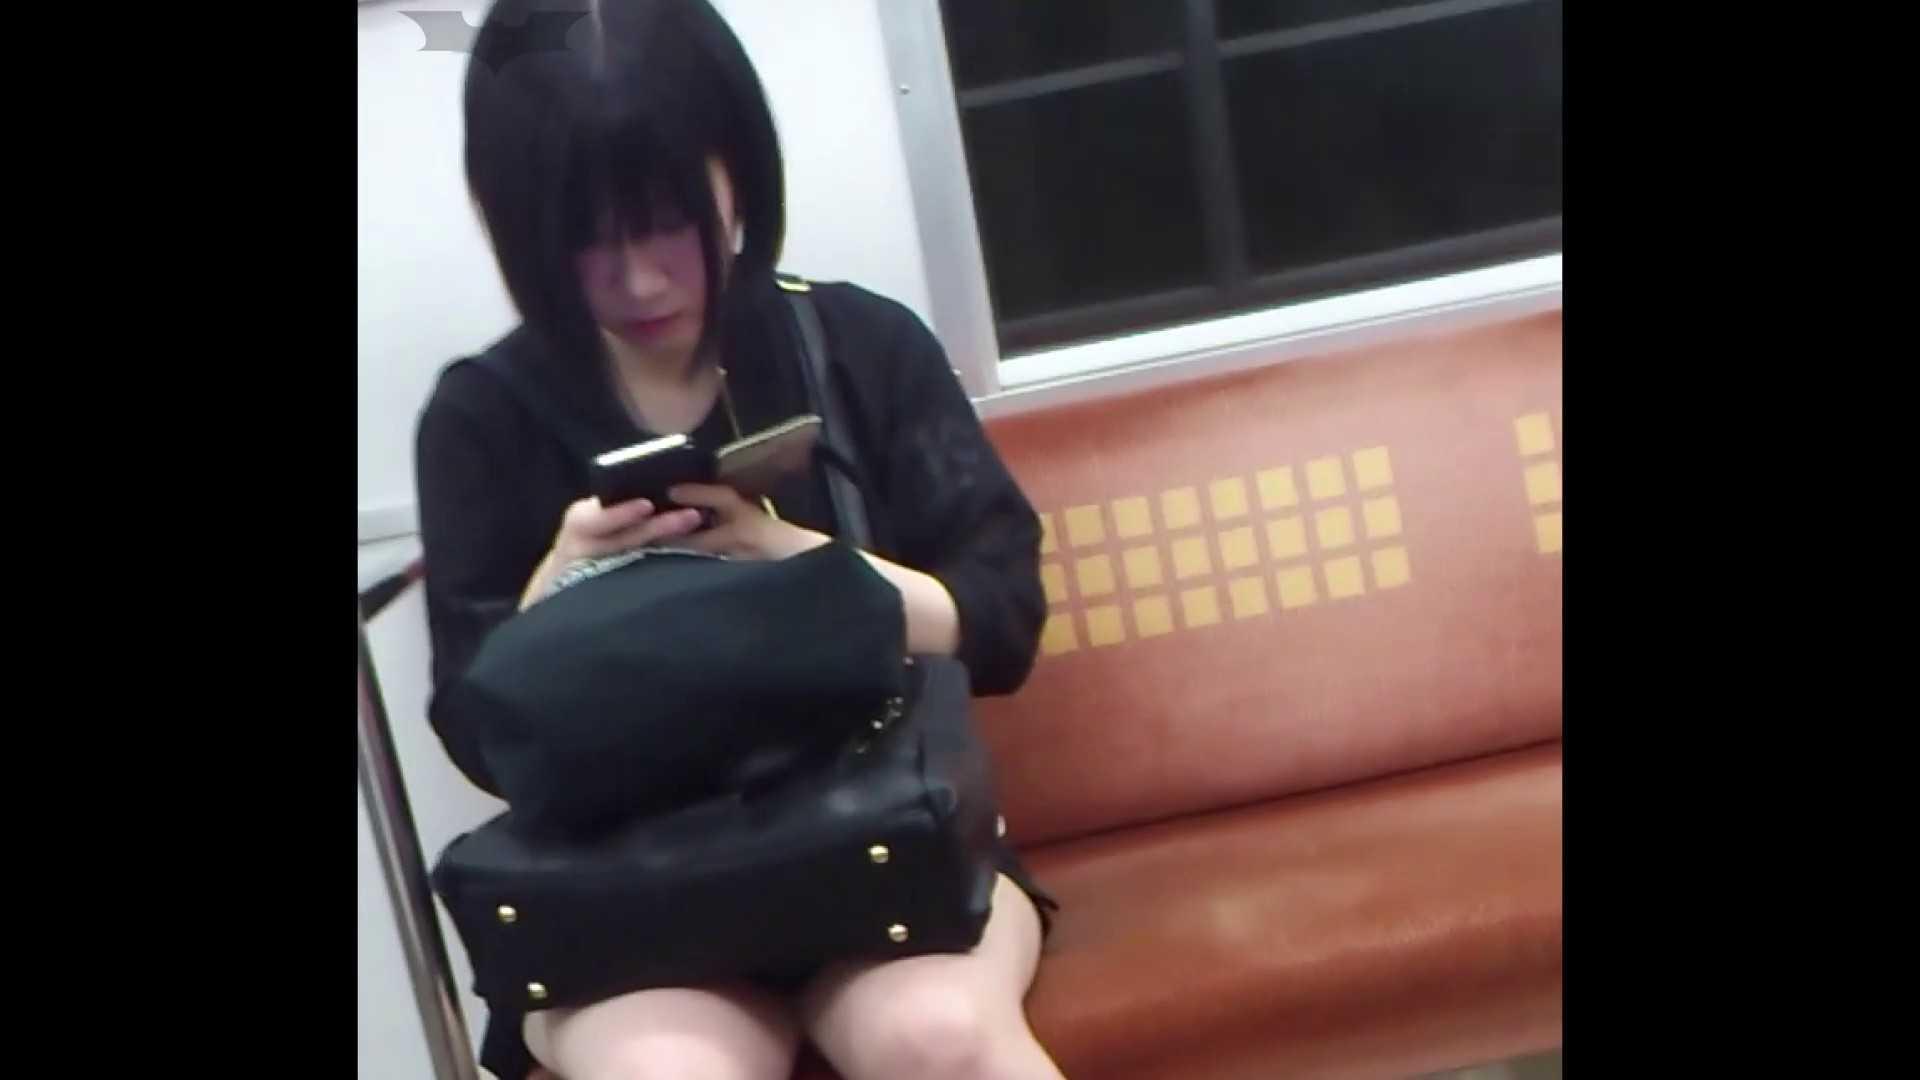 盗撮列車 Vol.49茶髪ショートヘアのスカートの中 細身体型 AV無料動画キャプチャ 104枚 14